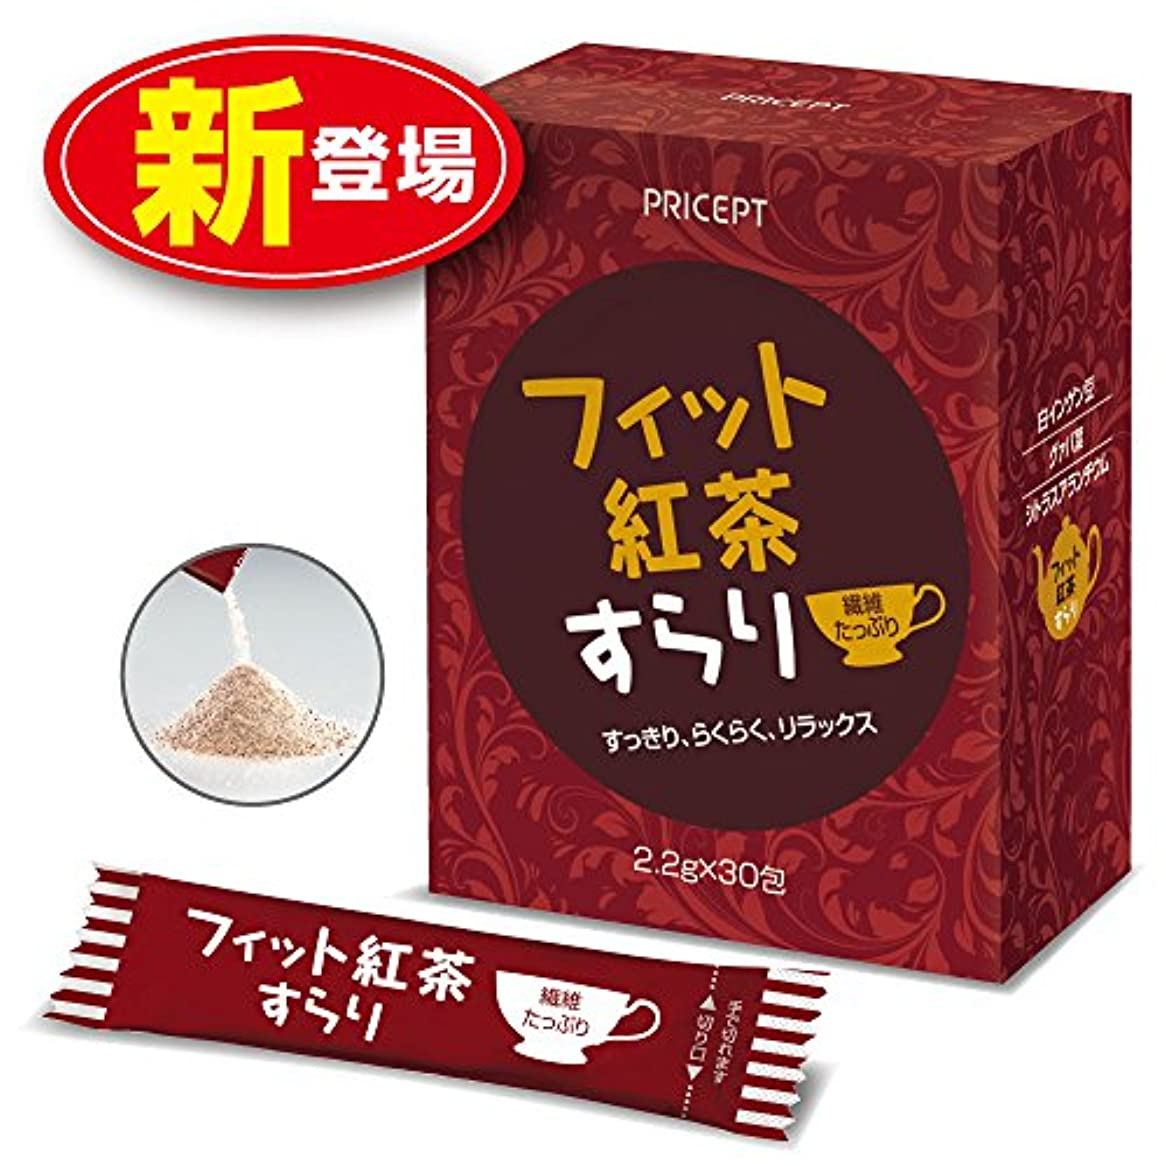 それに応じて四松の木プリセプト フィット紅茶すらり(30包)【単品】(食物繊維配合ダイエットサポート紅茶)